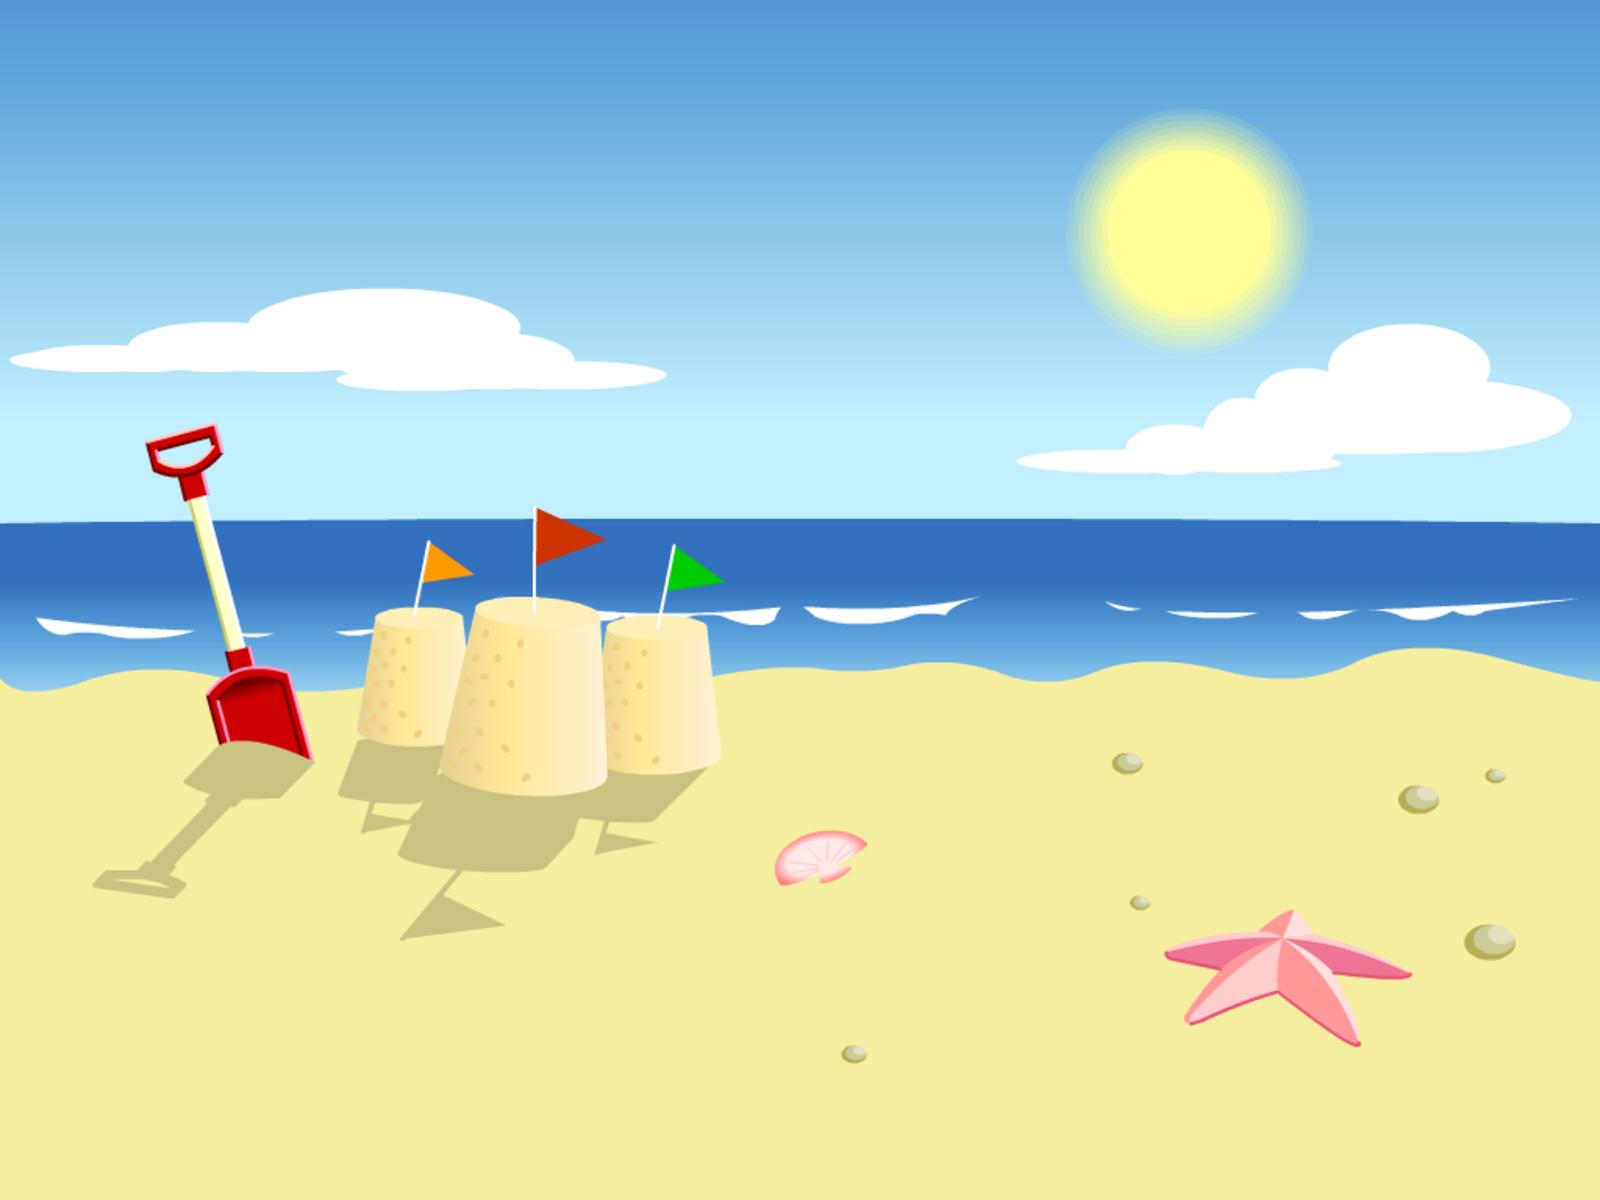 Beach cartoons clipart banner transparent Free Beach Cliparts Cartoons, Download Free Clip Art, Free Clip Art ... banner transparent